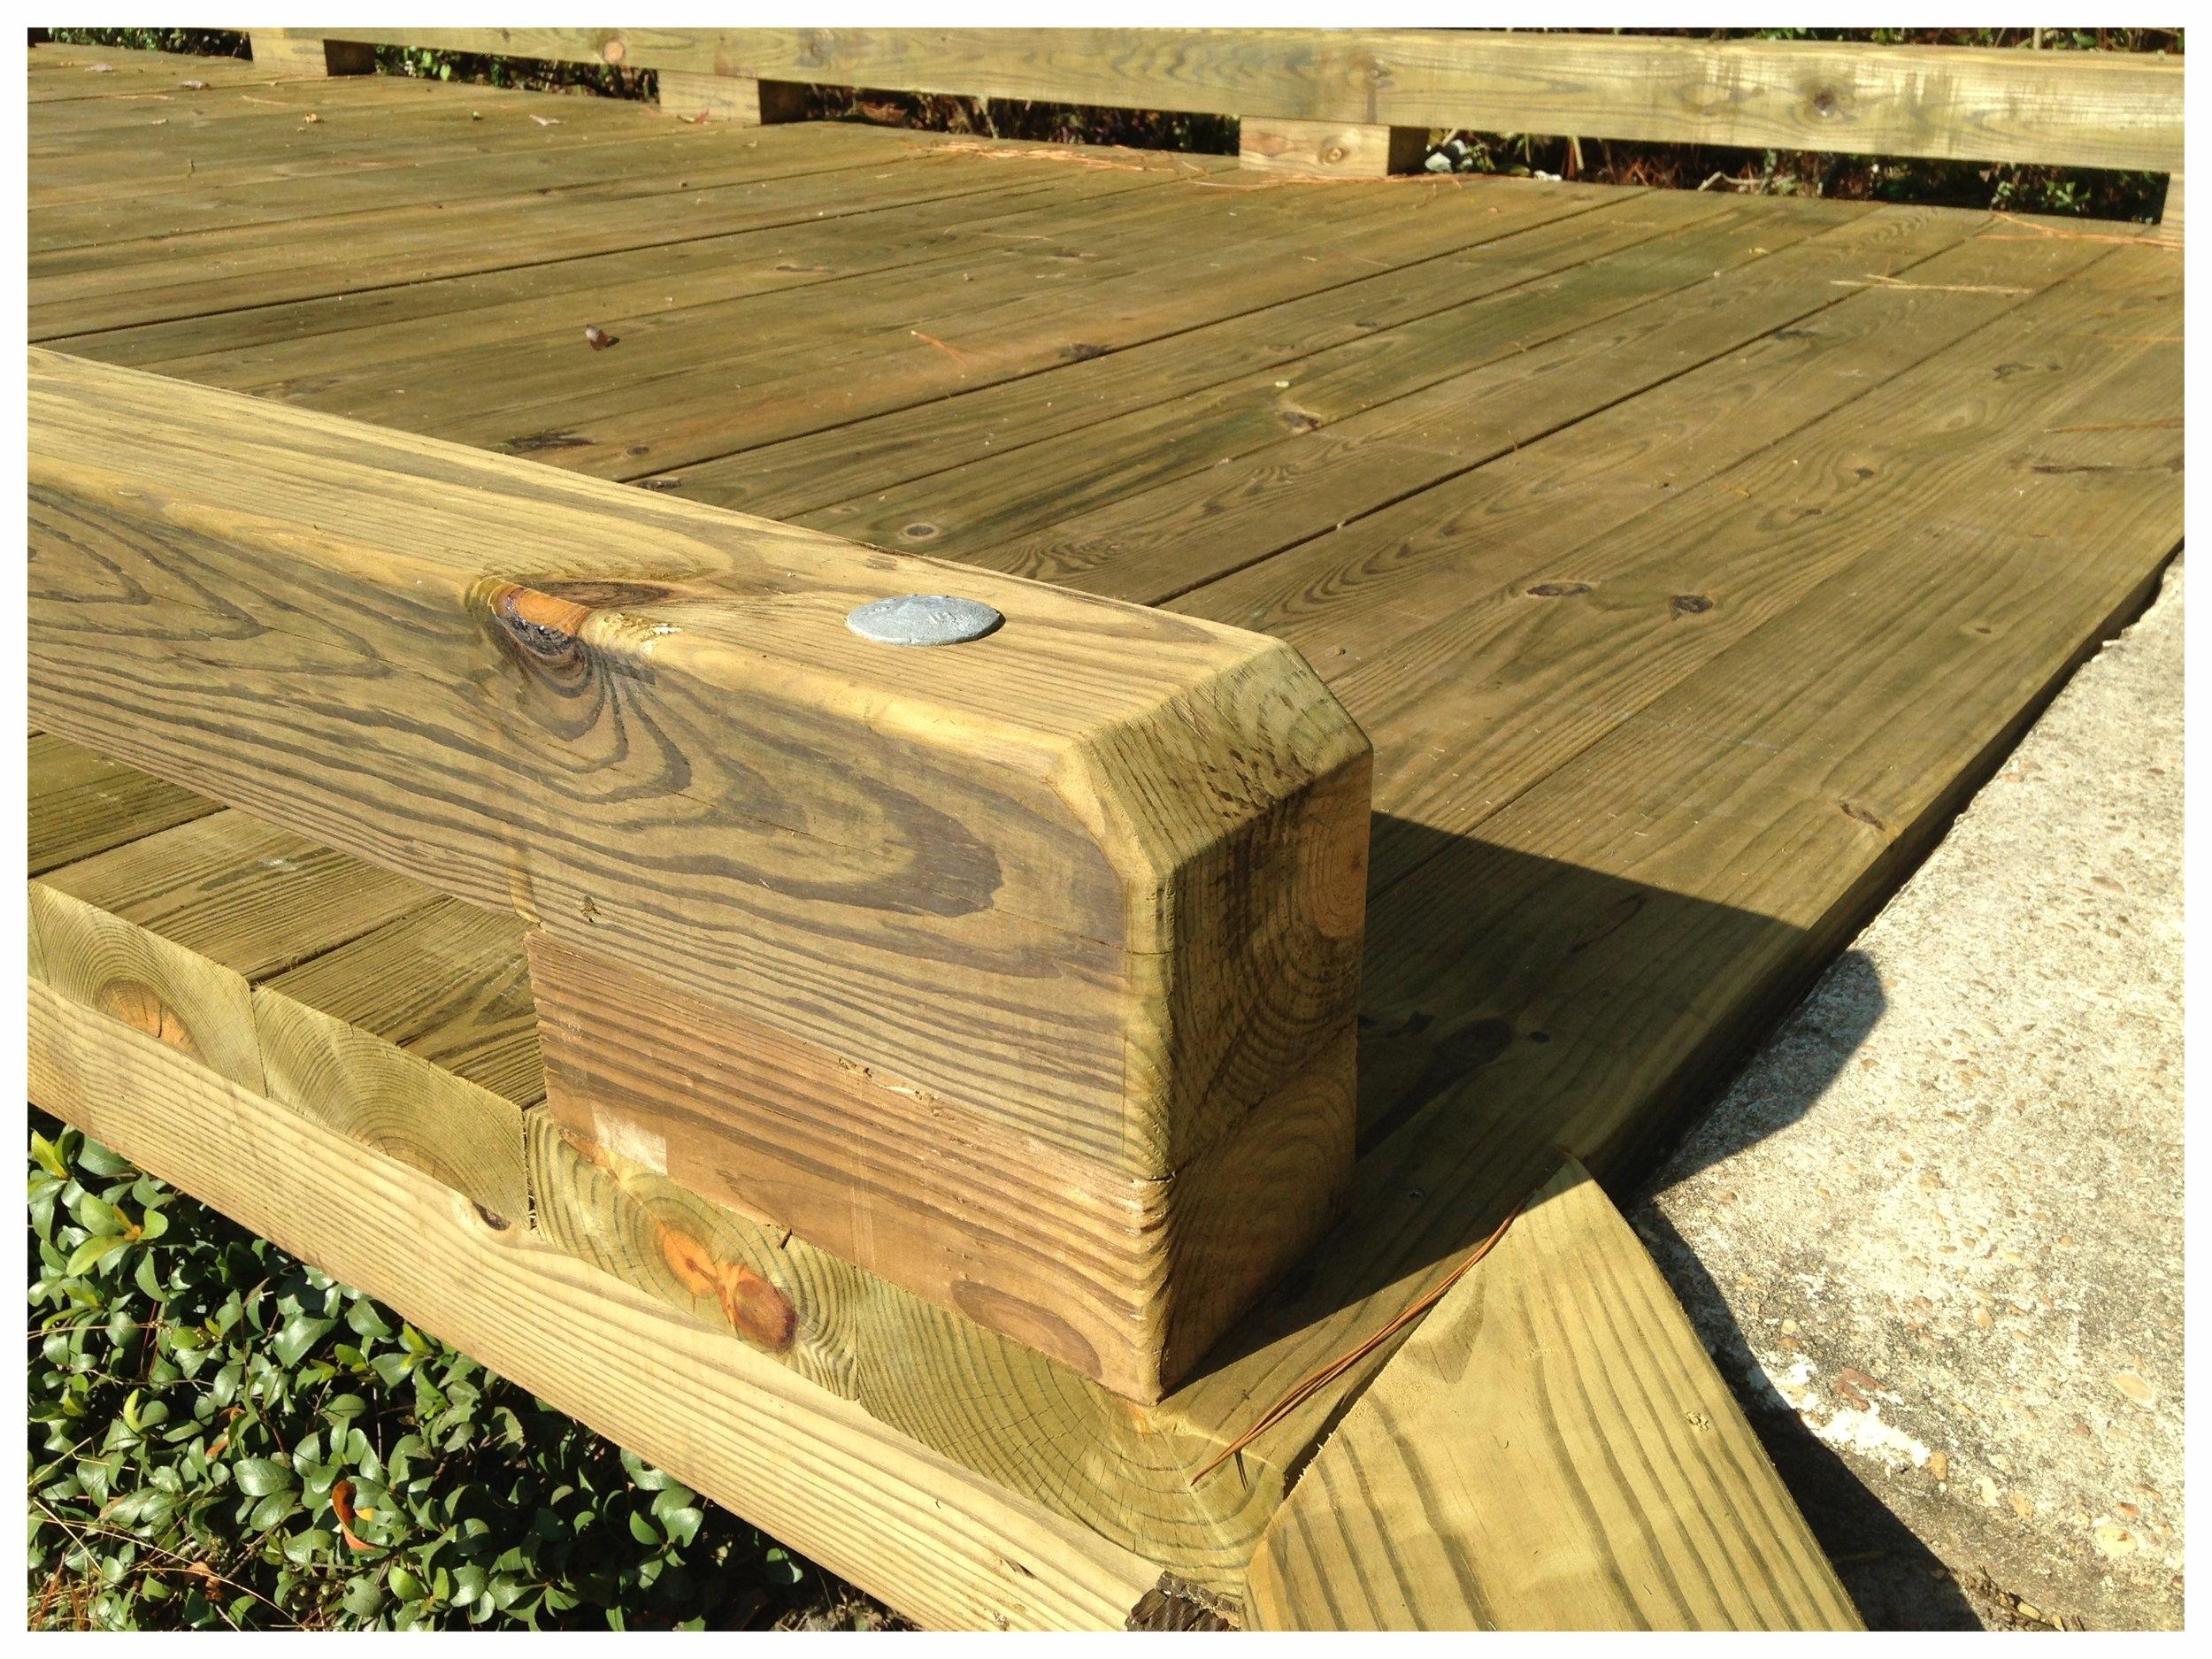 Wooden Foot Bridge Design